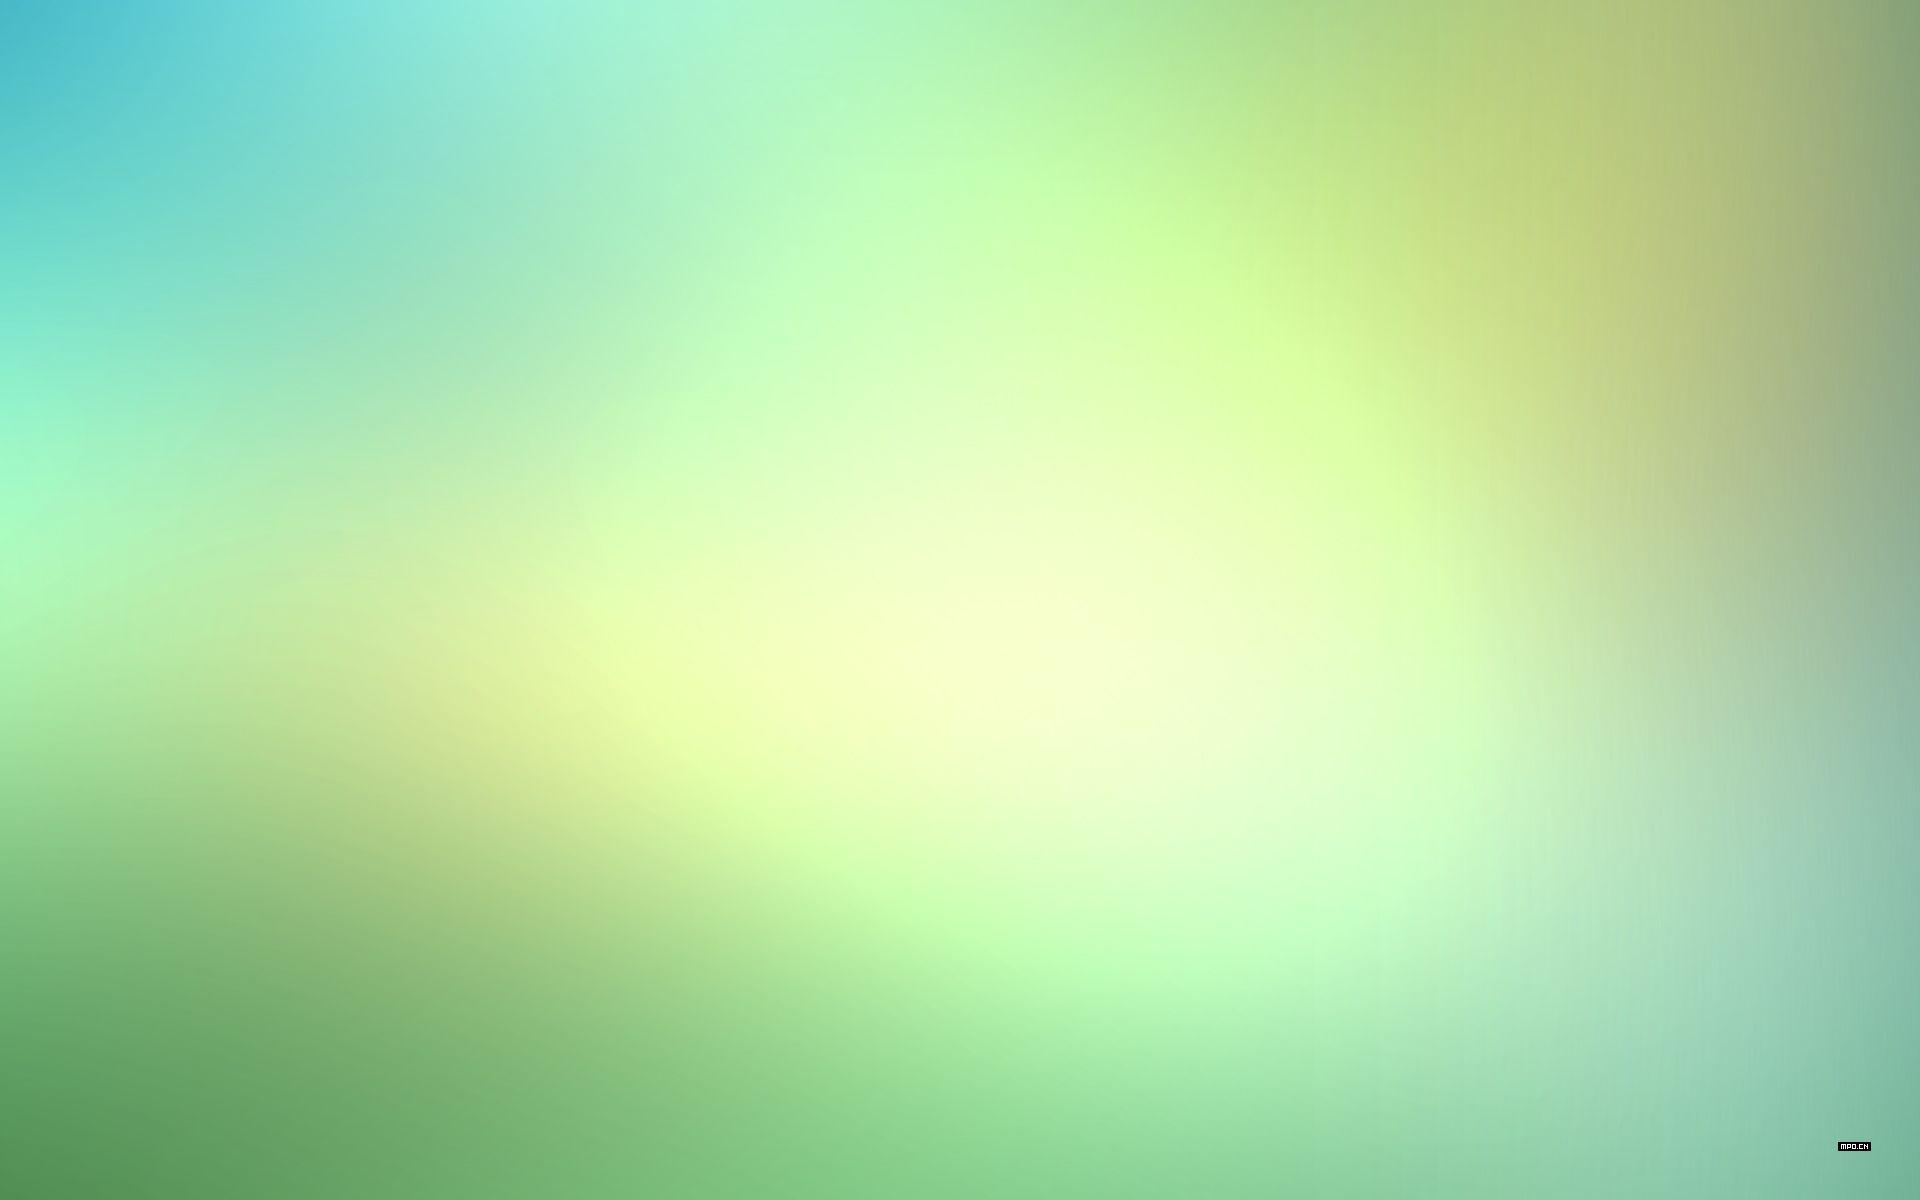 Website soft colors - Soft Color Wallpaper 11615 Desktop Backgrounds Areahd